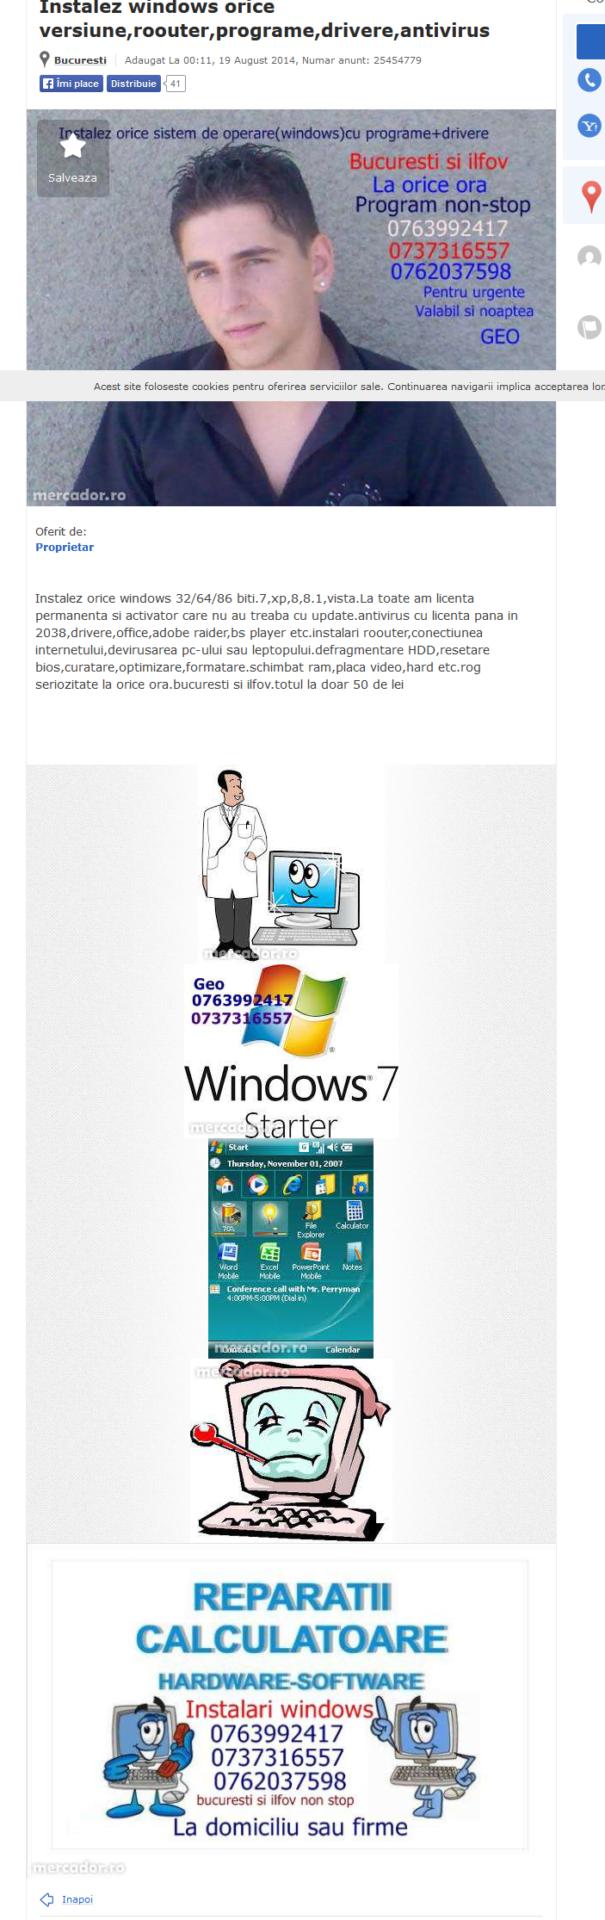 Instalez_windows_orice_versiune,roouter,programe,drivere,antivirus_Bucuresti_•_OLX.ro,_fostul_Mercador_-_2014-09-03_23.16.06